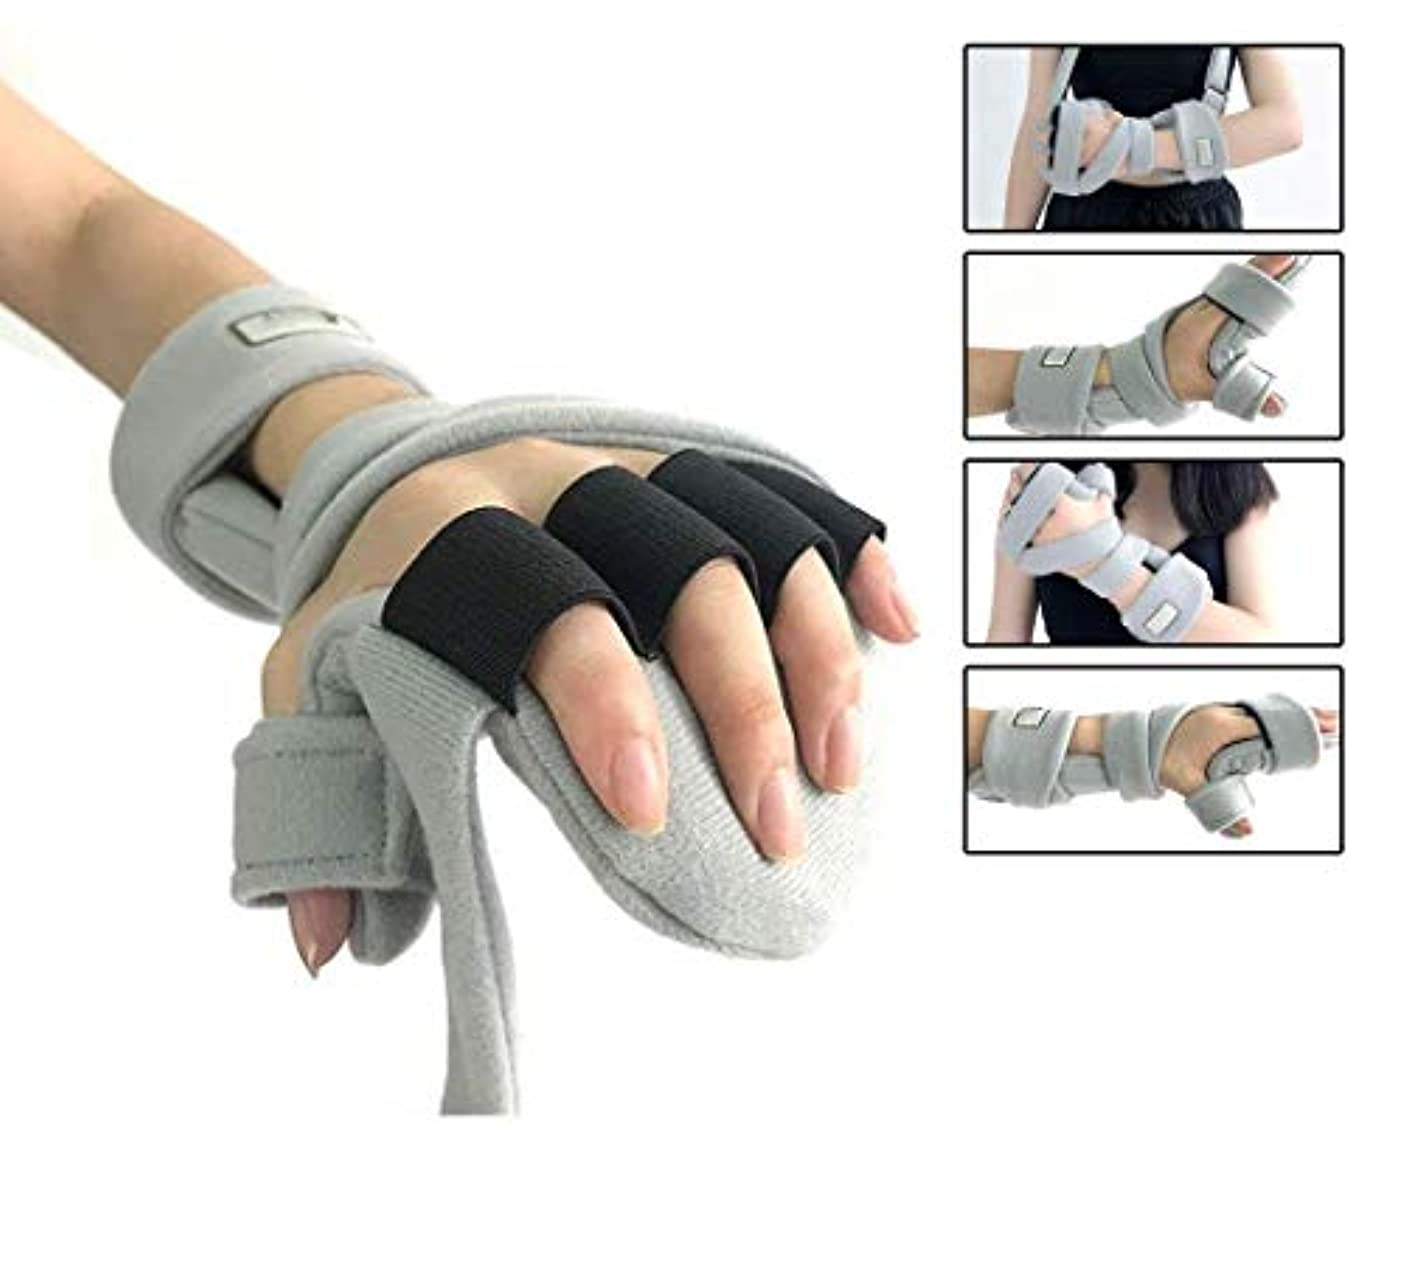 定義ペルメルアナロジー手首サポート副木サポート、痛み腱炎のための指手首骨折固定足場骨折関節炎脱臼捻rain,Lefthand